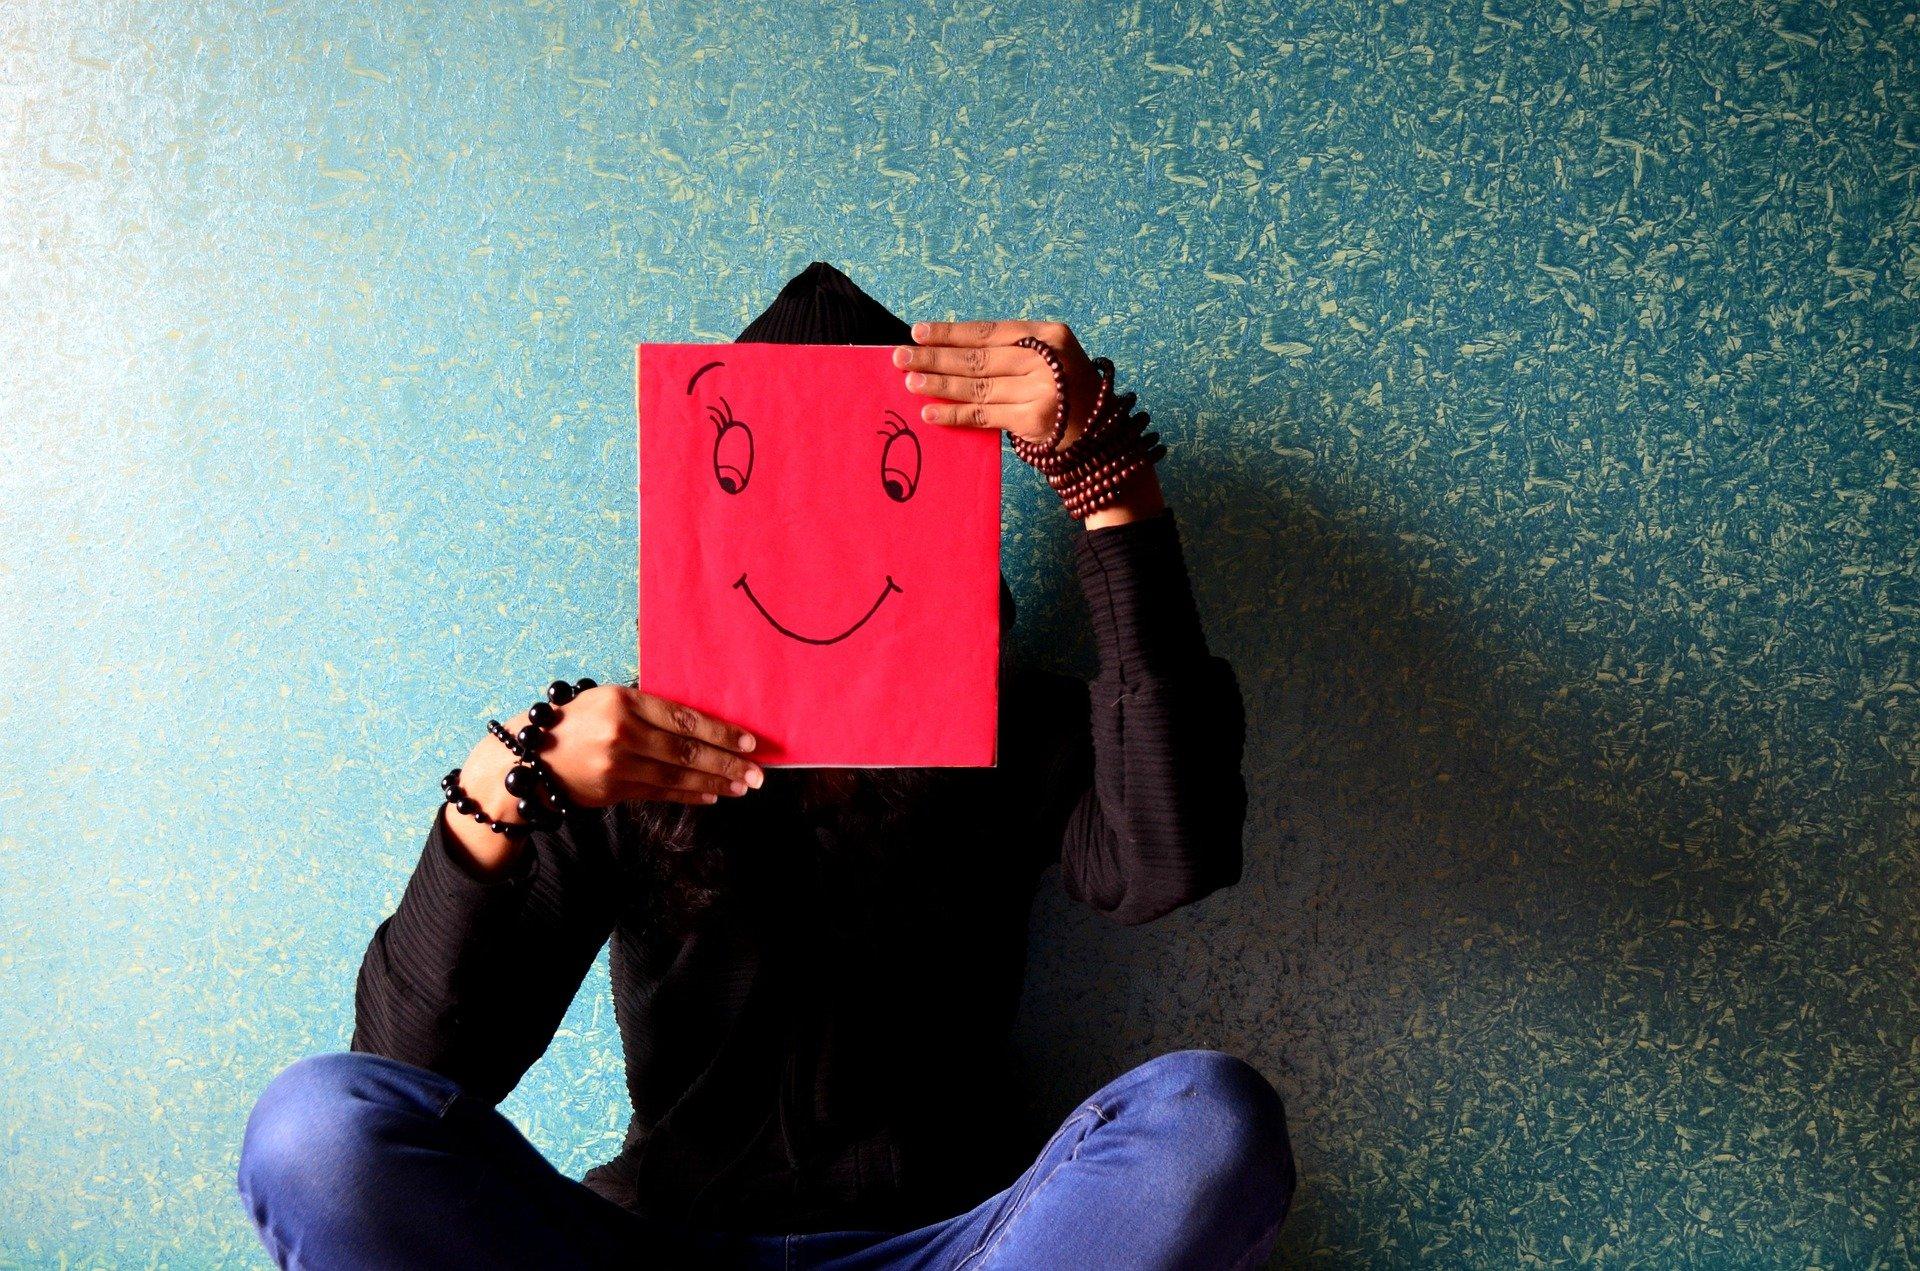 una persona seduta con davanti la faccia un foglio rosso con disegnati occhi e bocca sorridenti